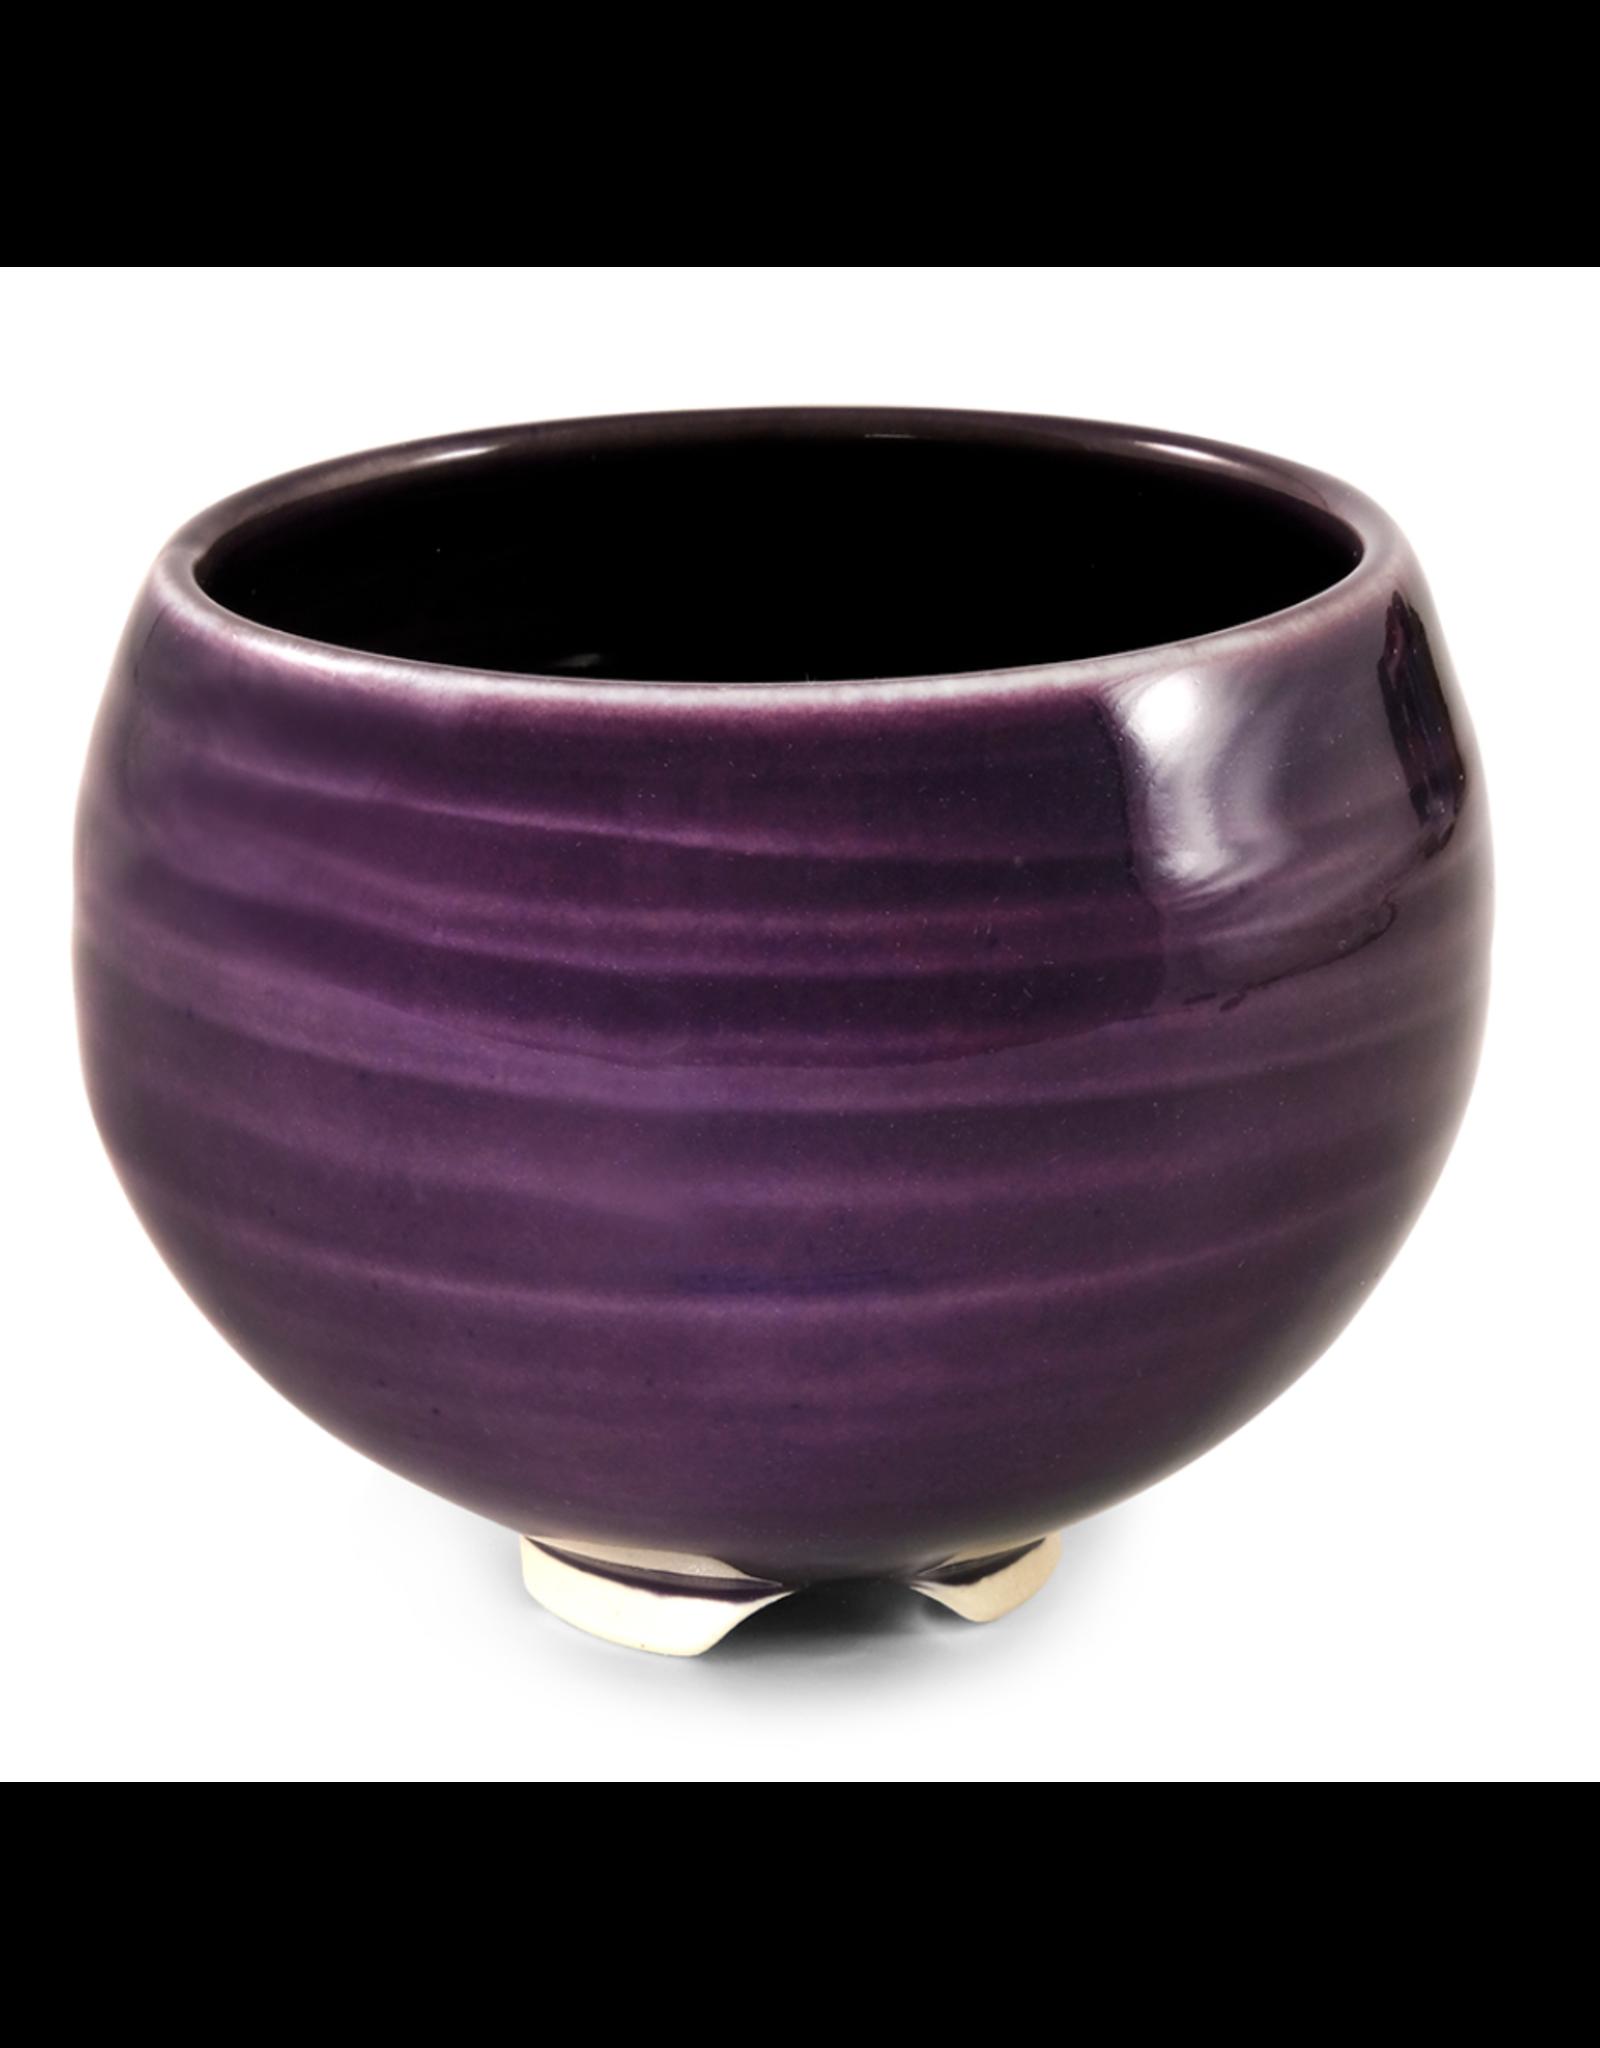 Ceramic Bowl - Plum